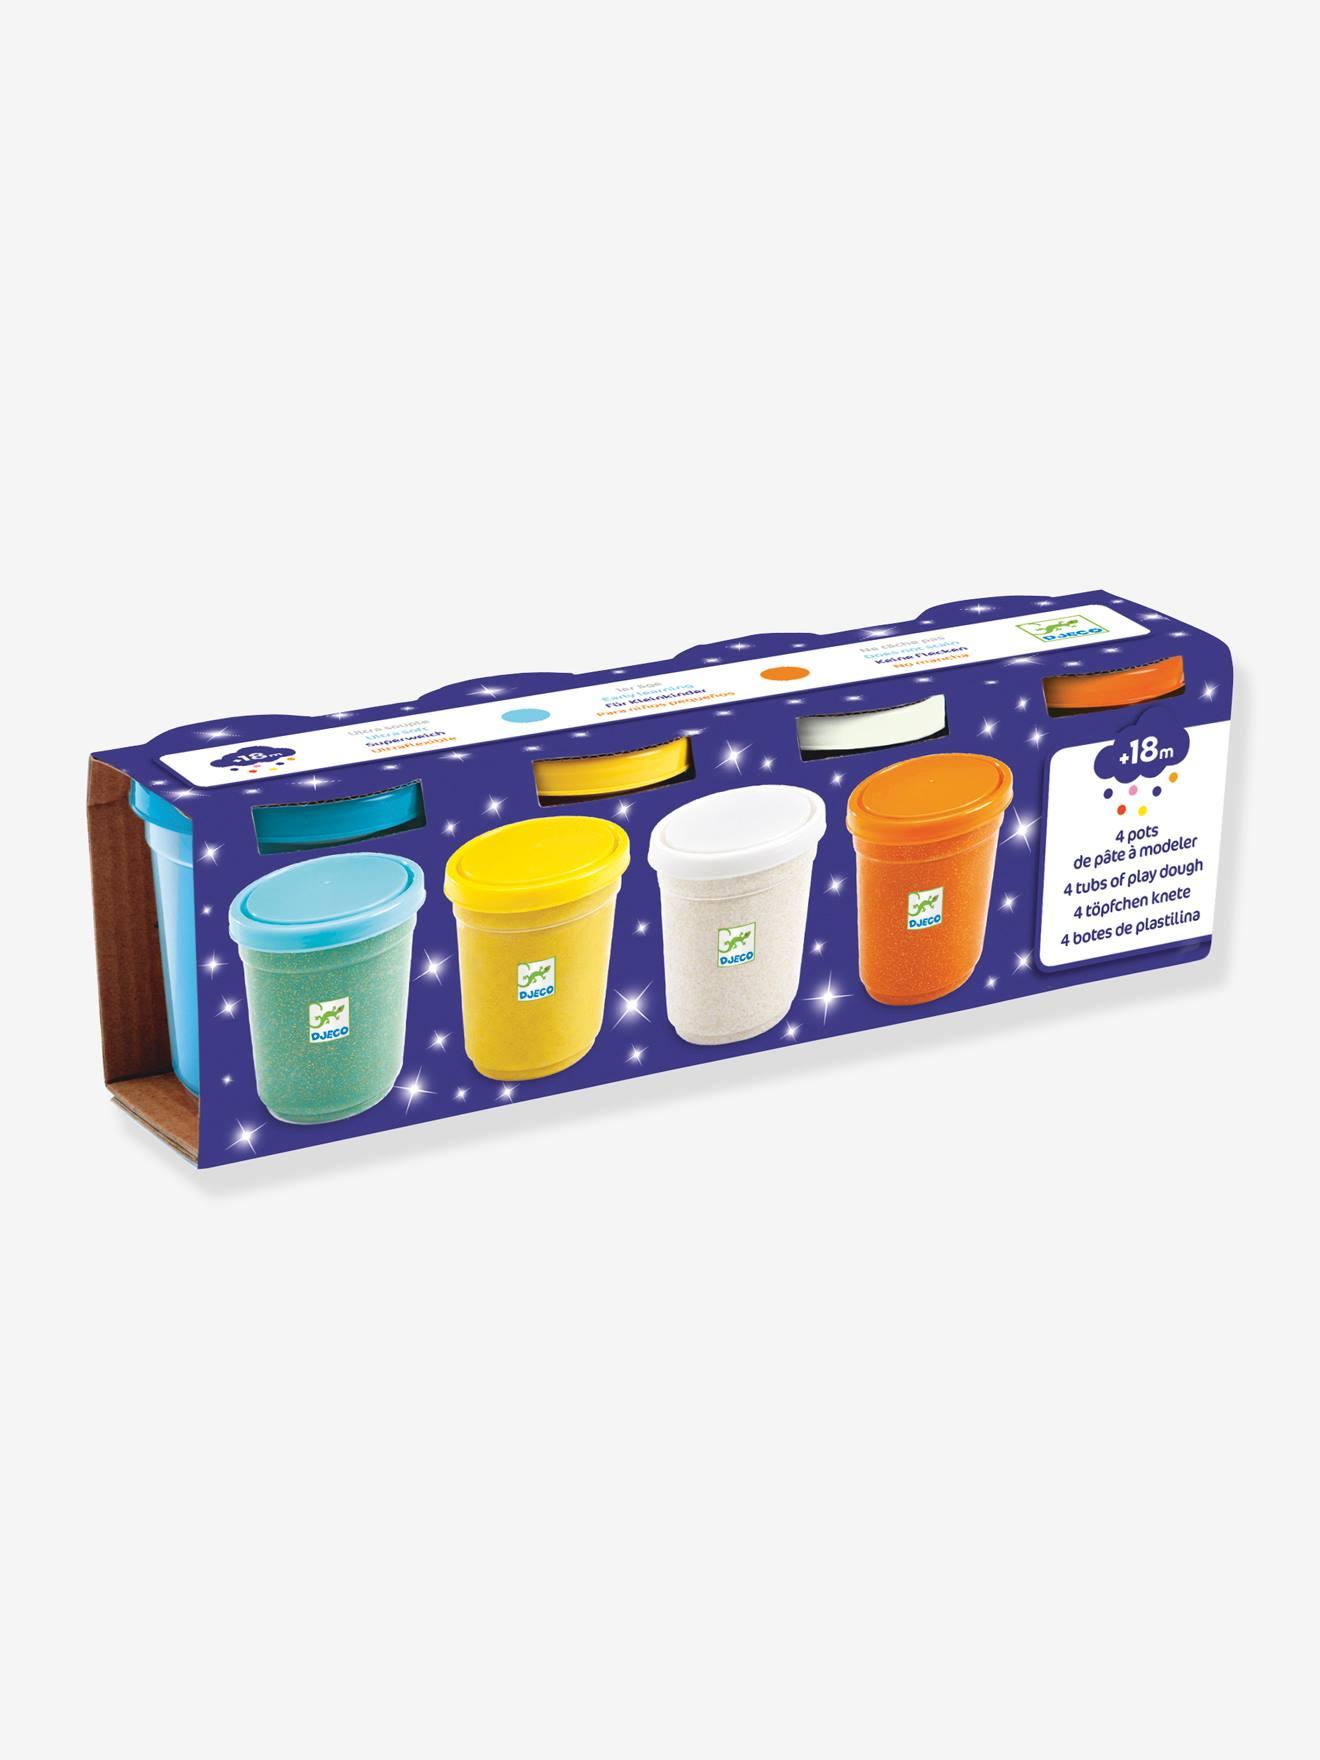 4 pots de pâte à modeler pailletée DJECO mutlicolore